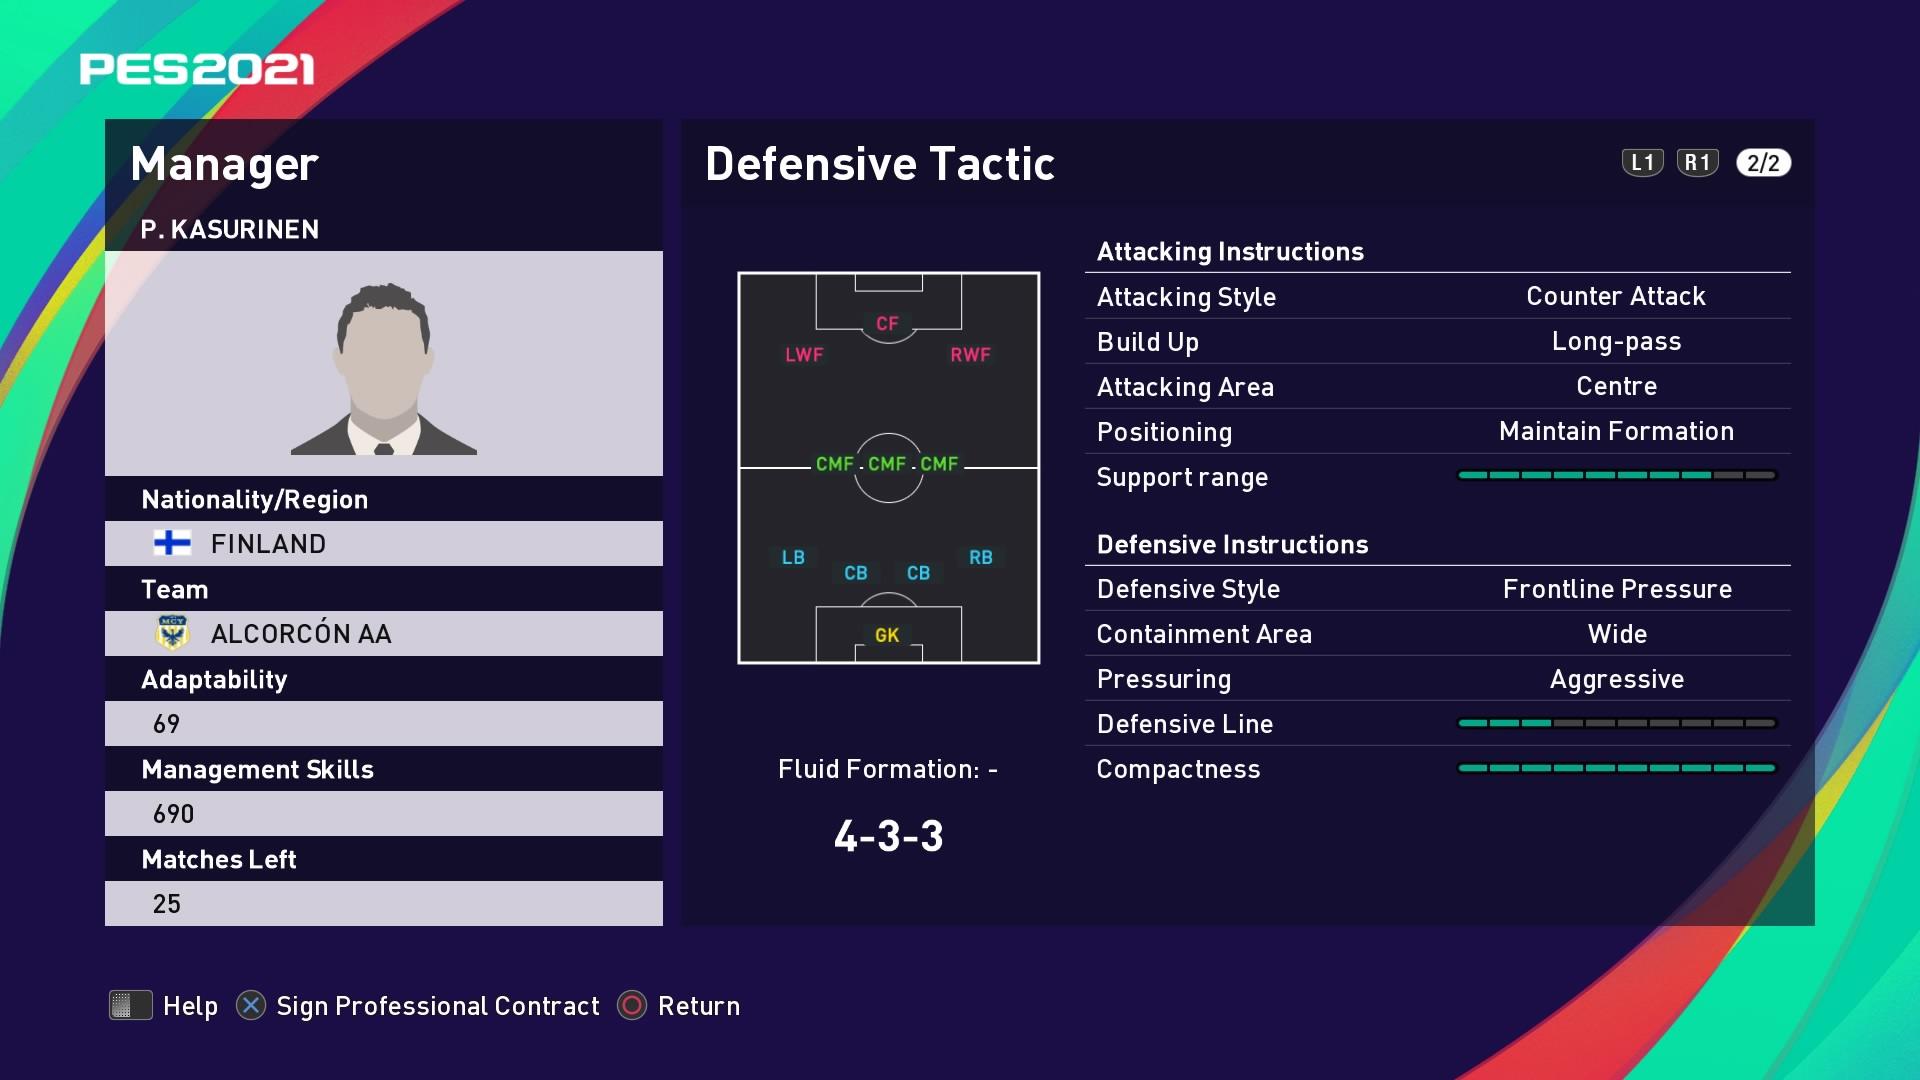 P. Kasuriren Defensive Tactic in PES 2021 myClub